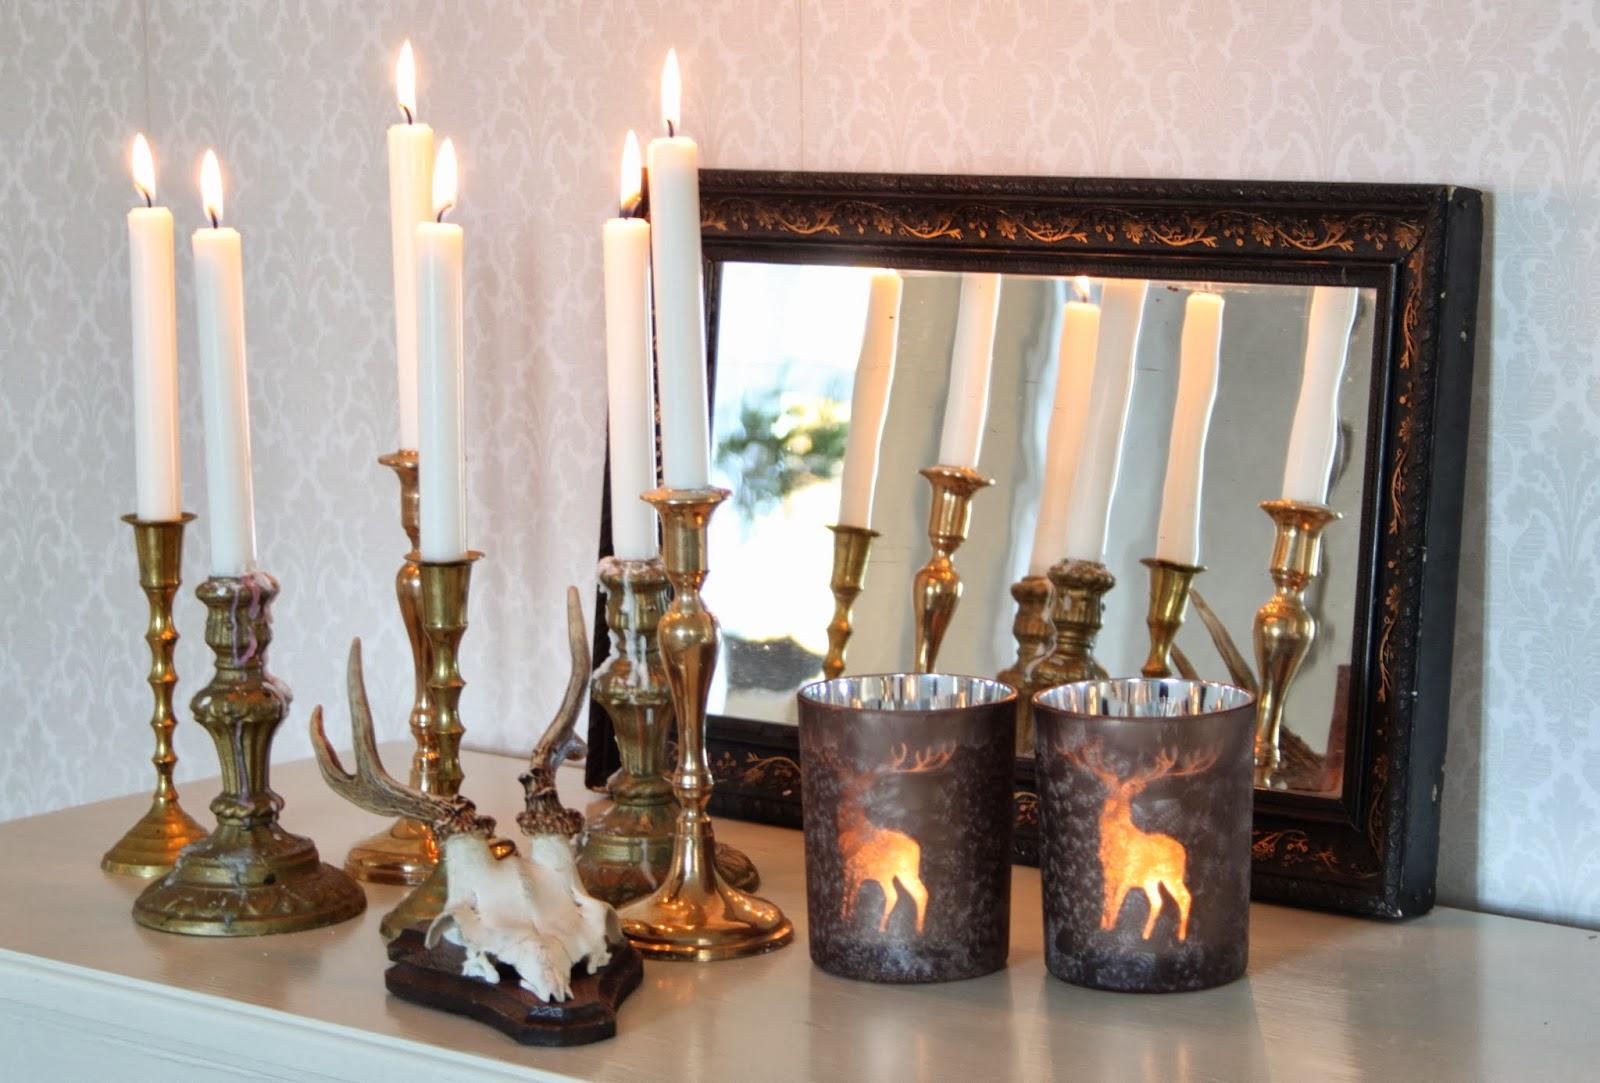 Add: design / anna stenberg / lantligt på svanängen: vardagsrummet ...